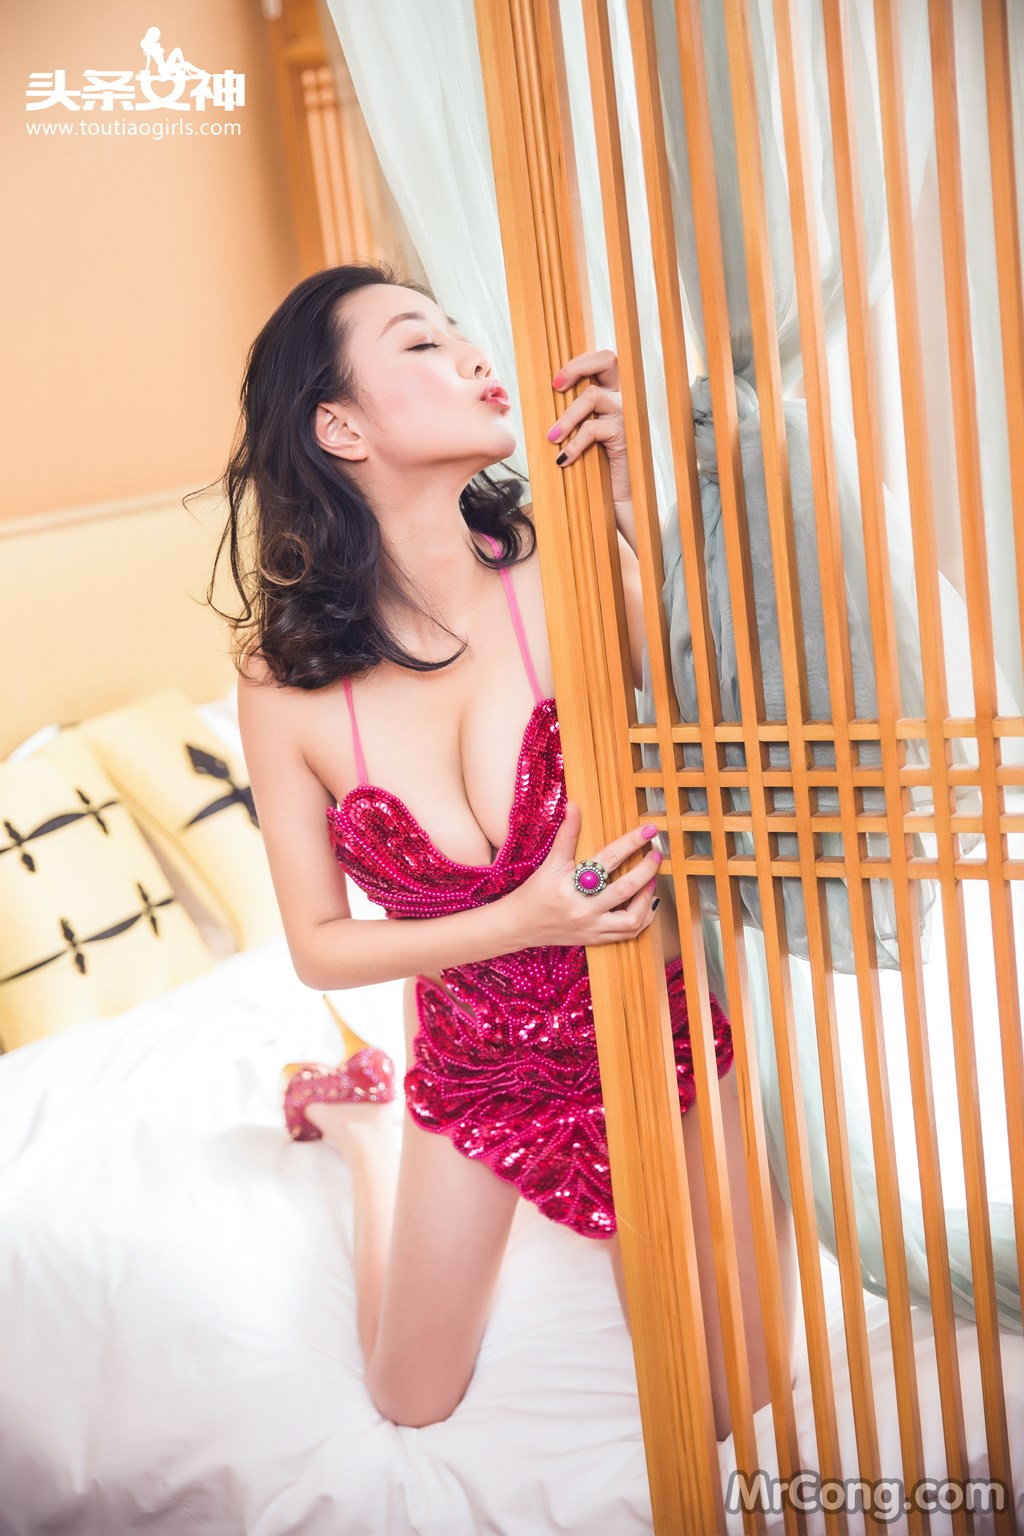 Image MrCong.com-TouTiao-2016-12-20-Zhang-Zi-Ran-001 in post TouTiao 2016-12-20: Người mẫu Zhang Zi Ran (张梓然) (30 ảnh)